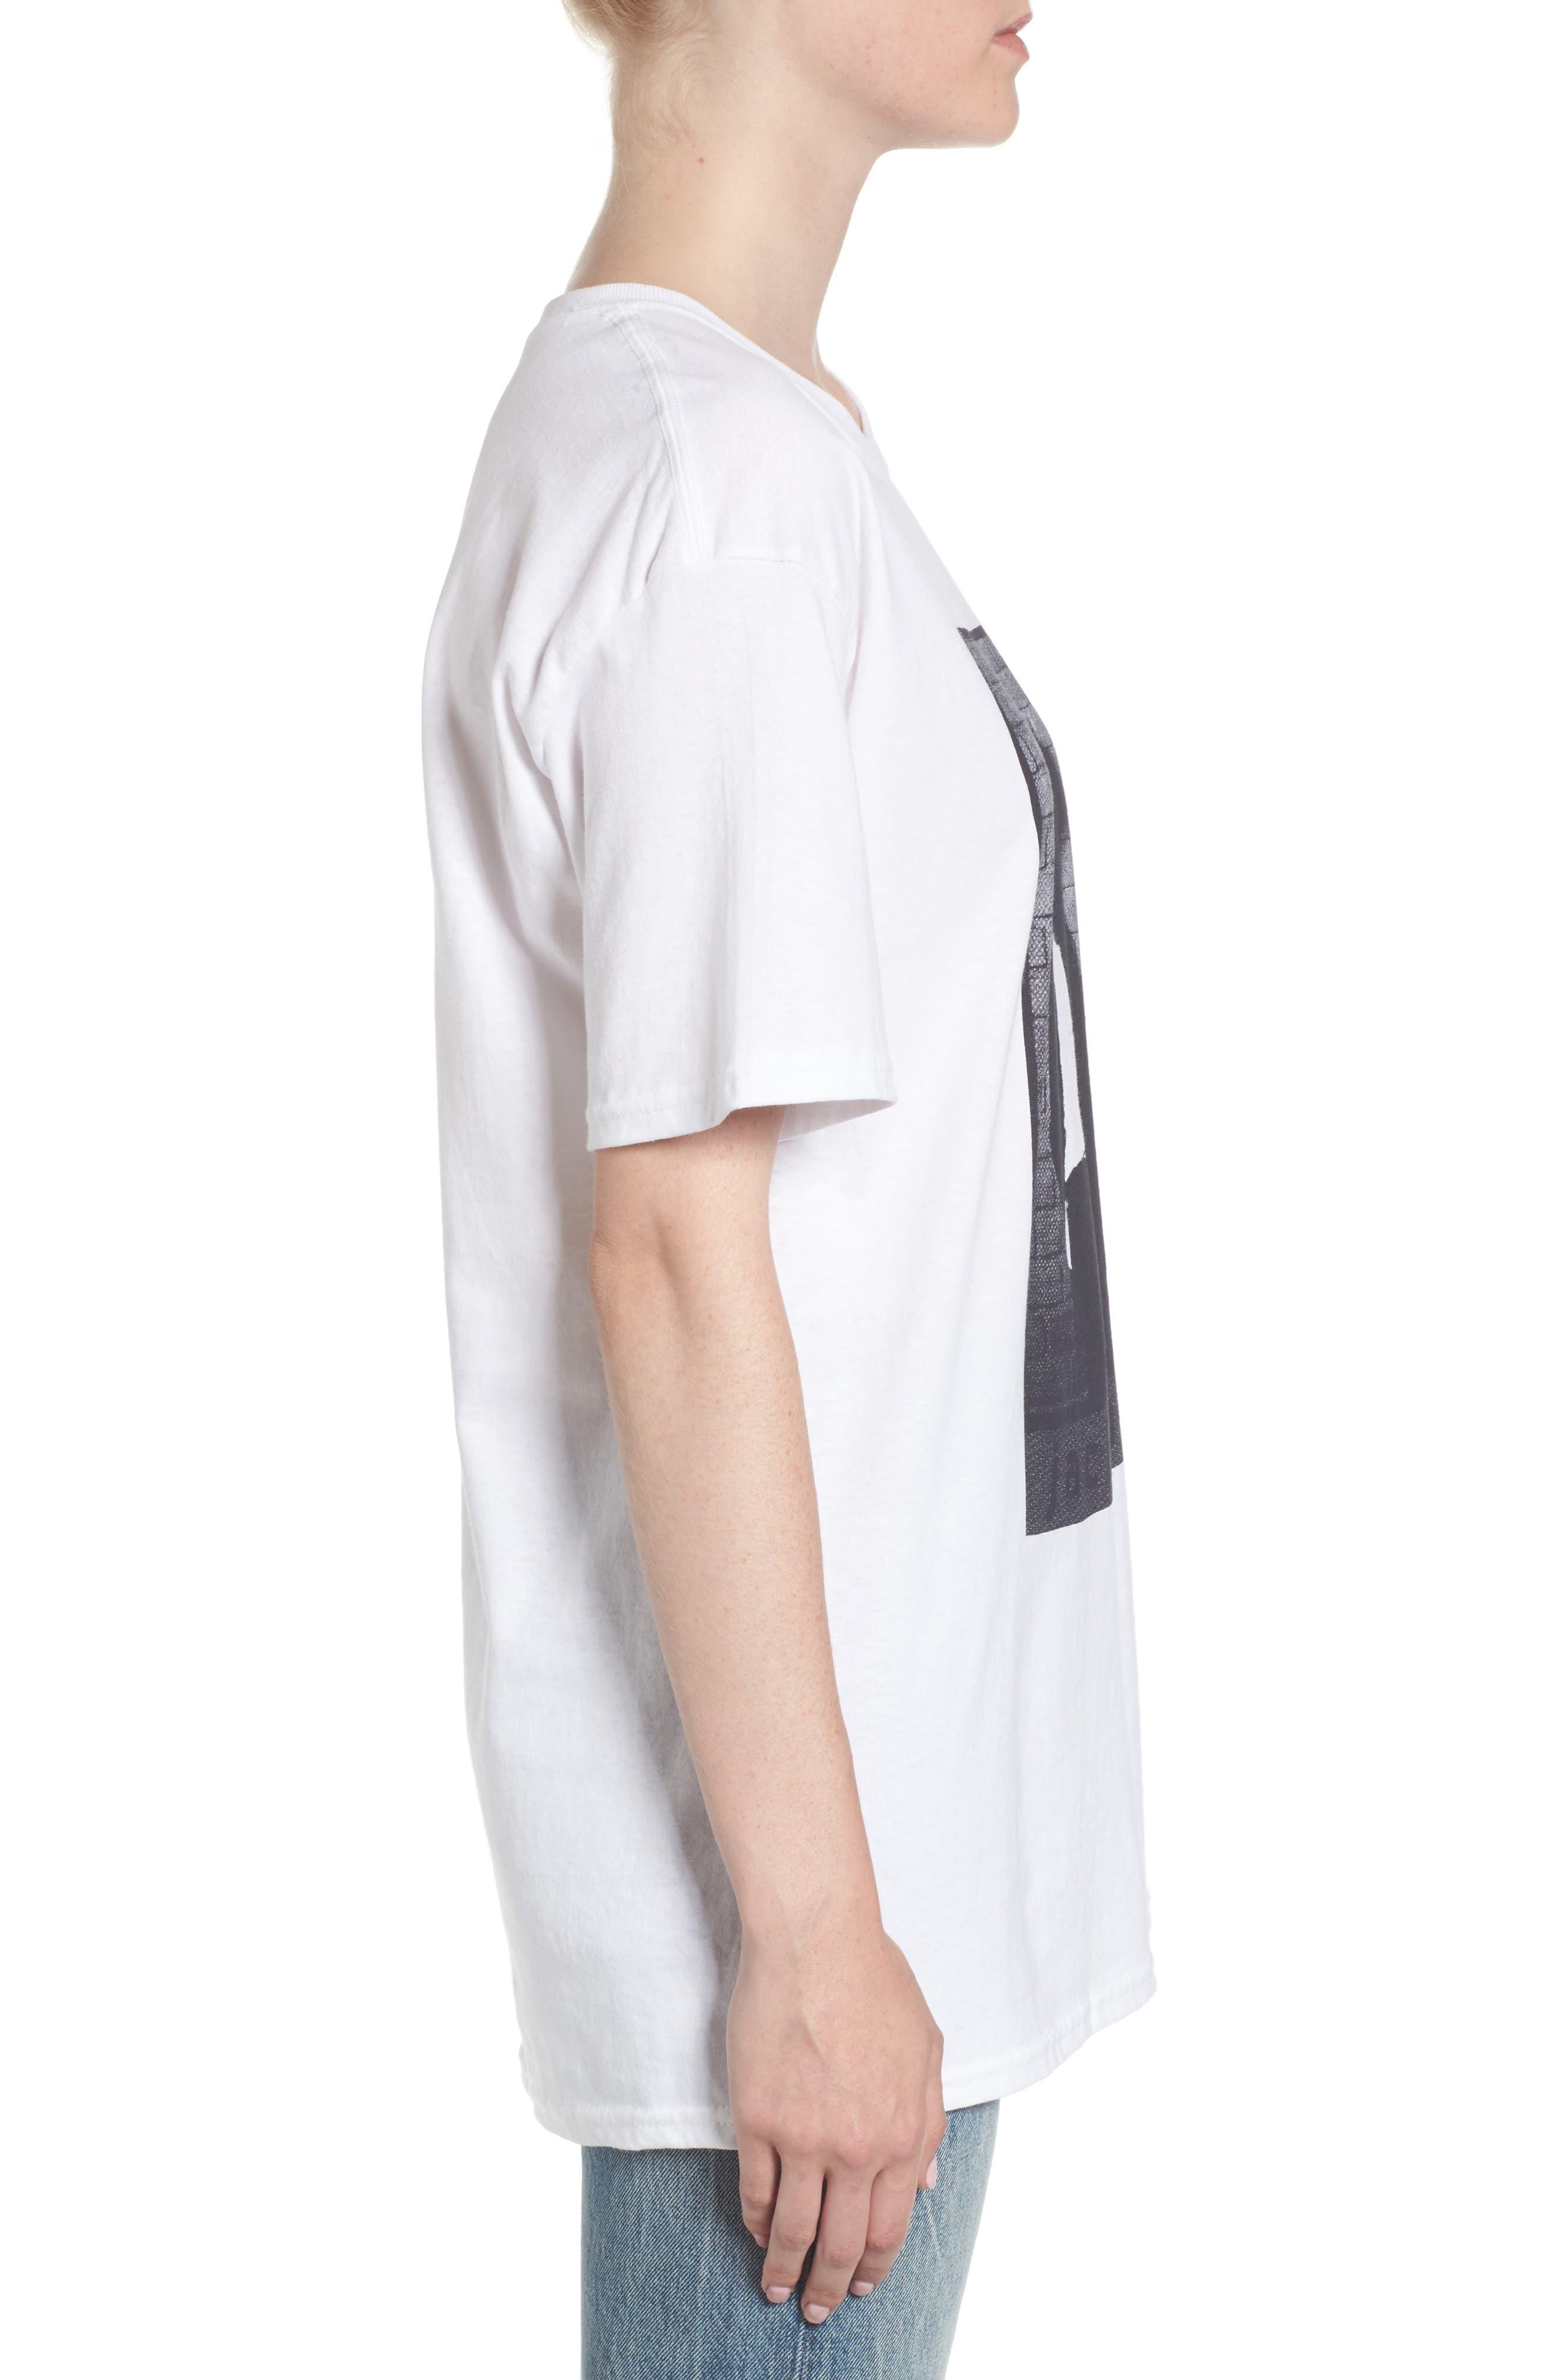 Michael Jackson T-Shirt,                             Alternate thumbnail 3, color,                             White